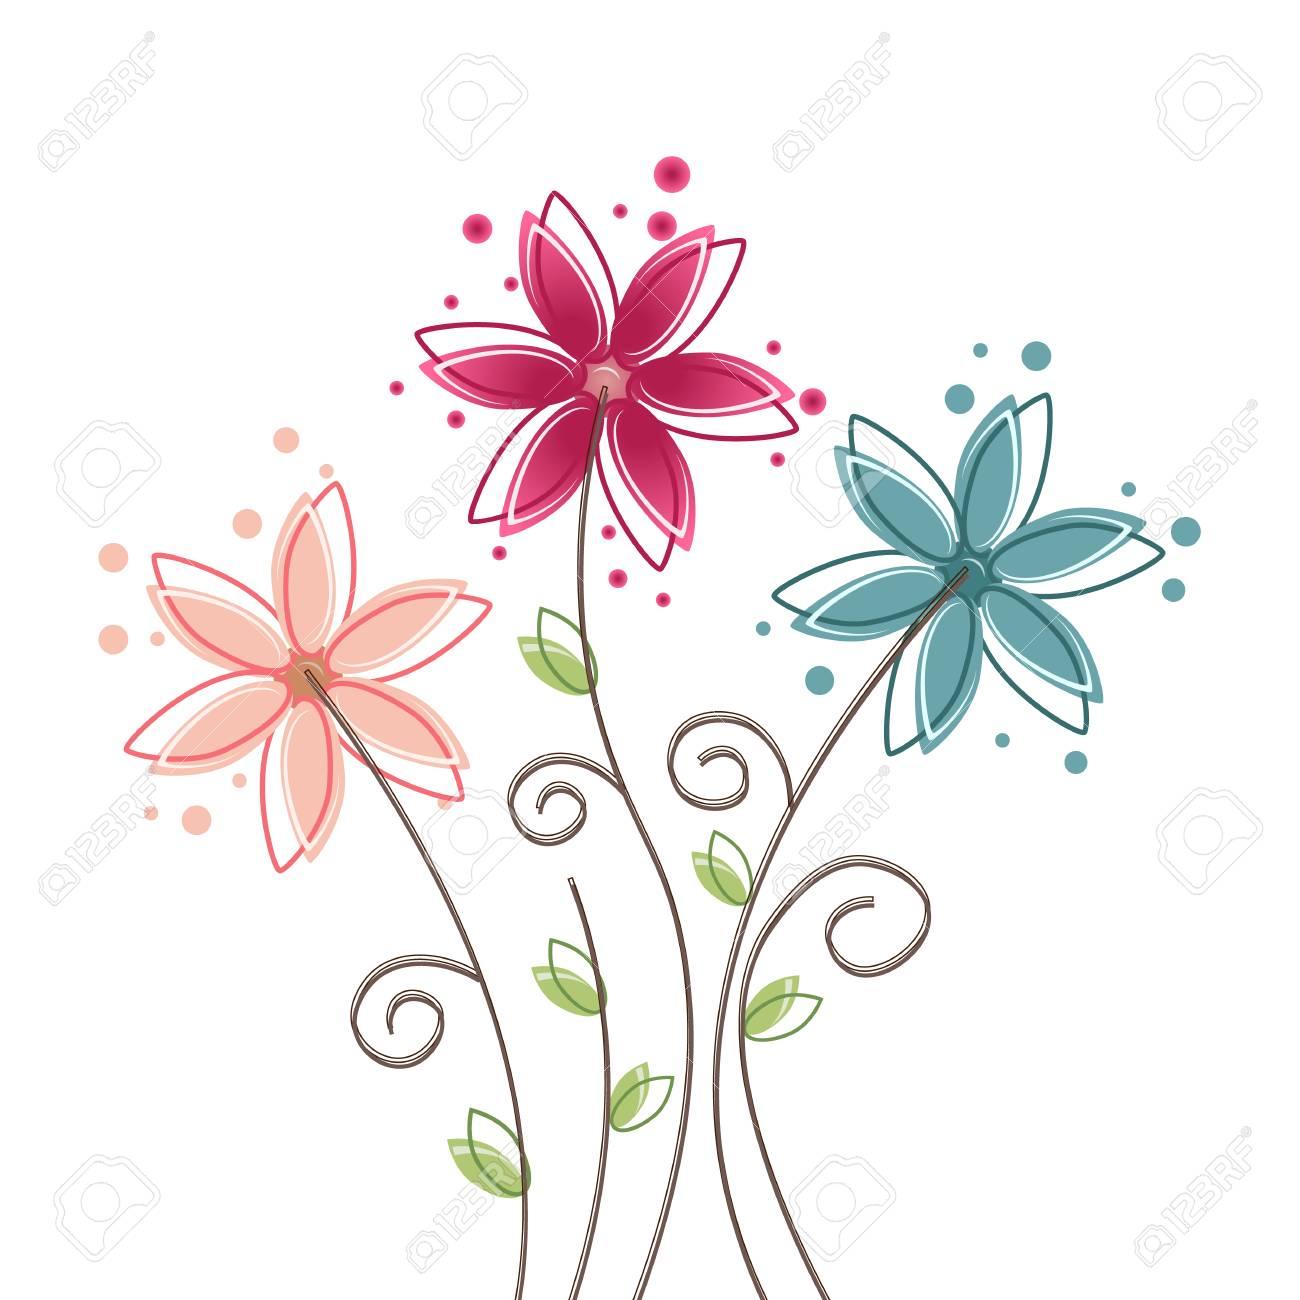 Fond De Fleur D'été Clip Art Libres De Droits , Vecteurs Et Illustration.  Image 82652203.